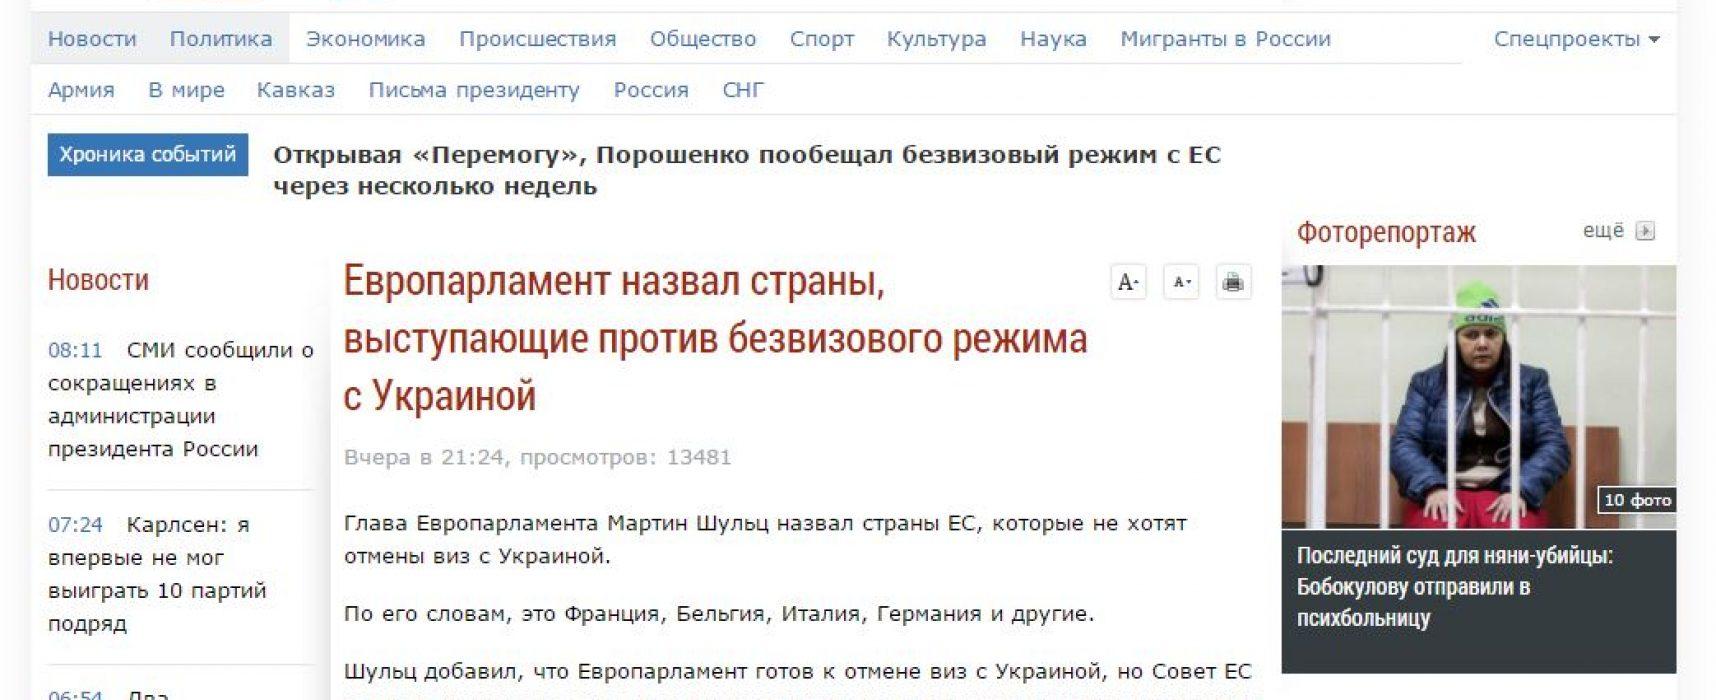 Фейк: Европарламент назвал страны, выступающие против безвизового режима с Украиной